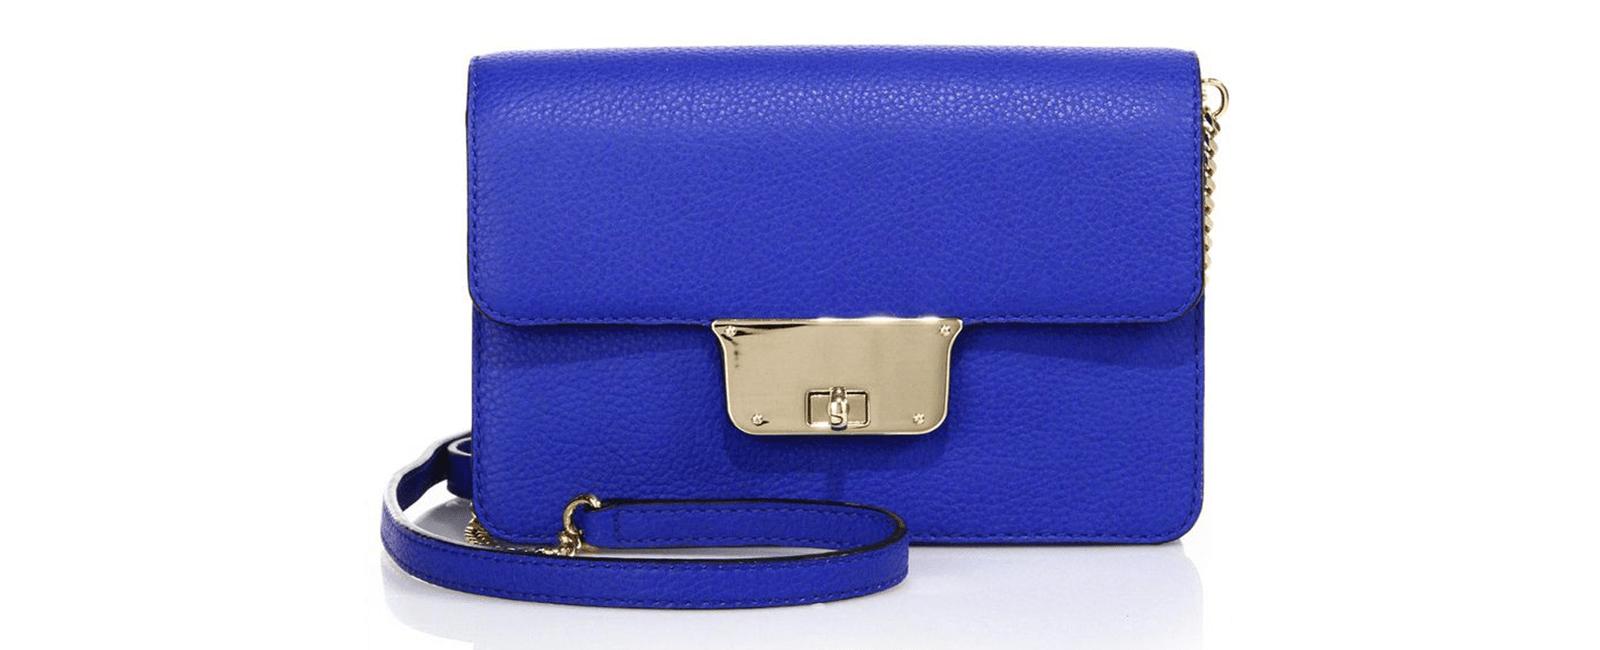 blue-handbags